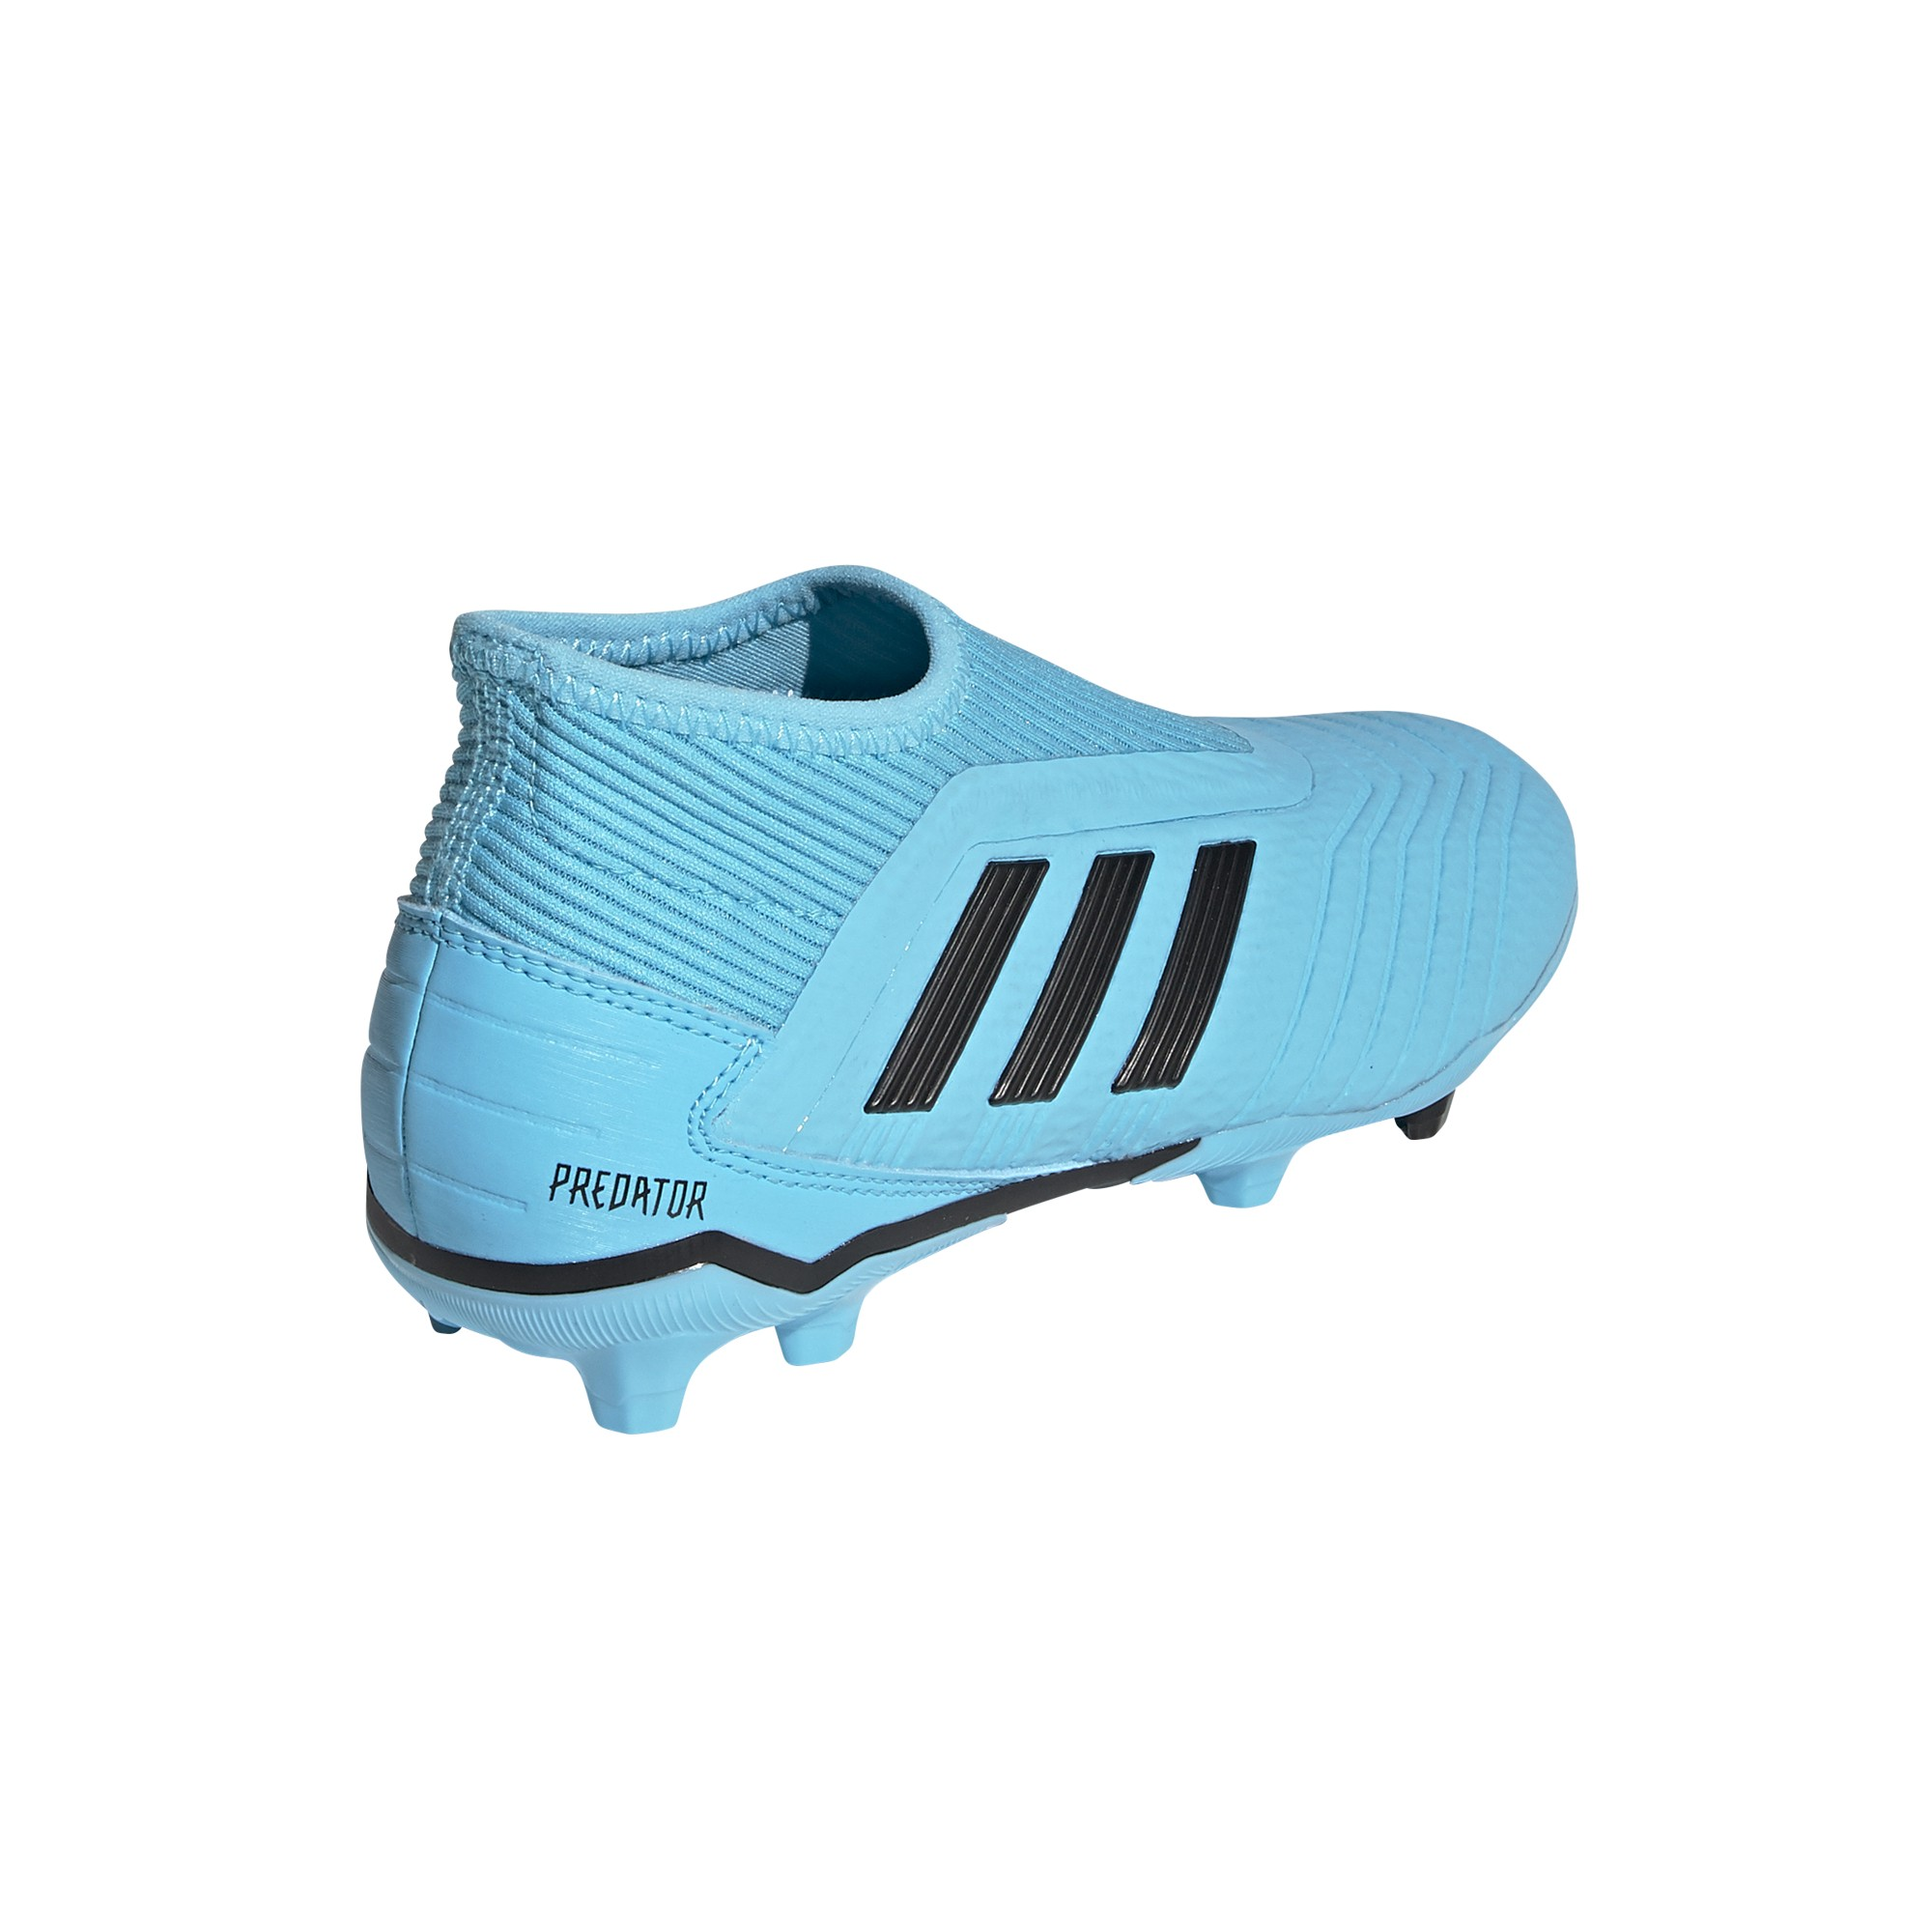 Calcio ADIDAS scarpe da calcio predator 19.3 ll fg azzurro nero bam